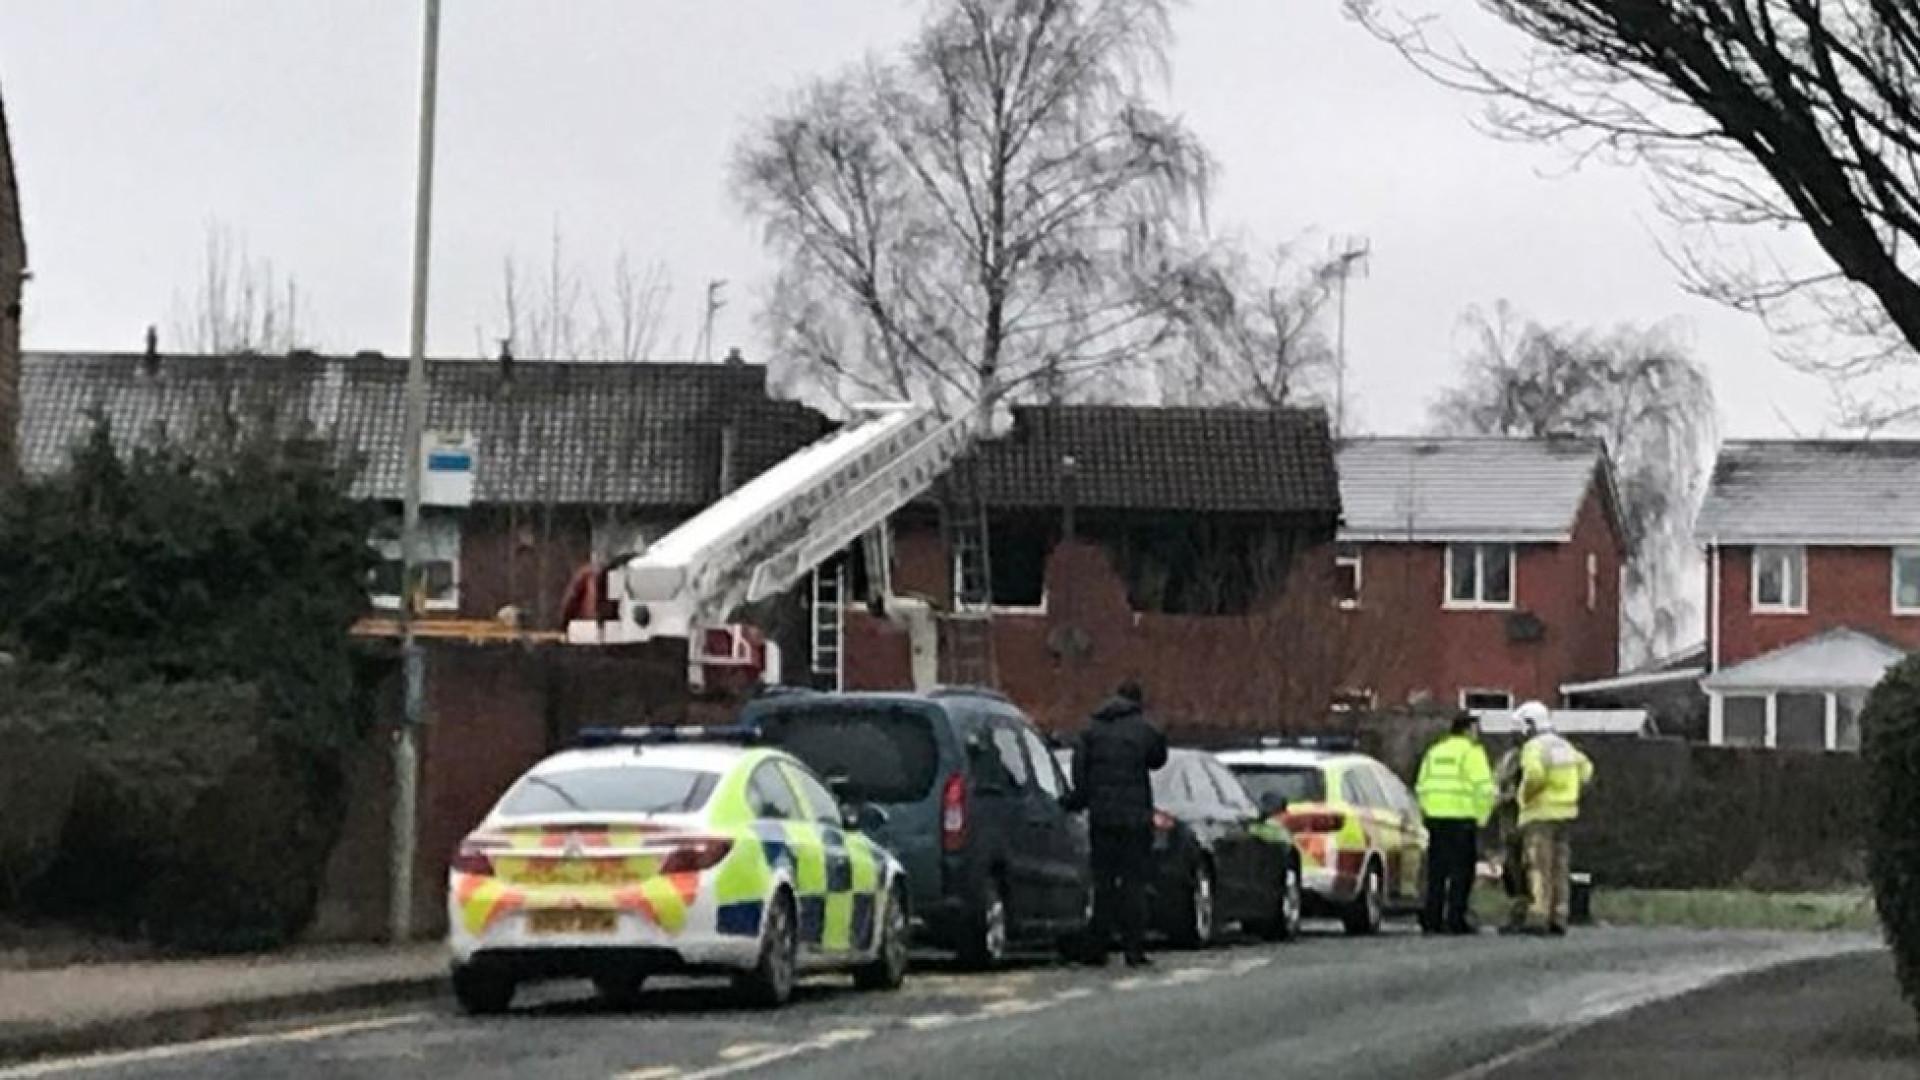 Quatro crianças morreram em incêndio doméstico em Inglaterra